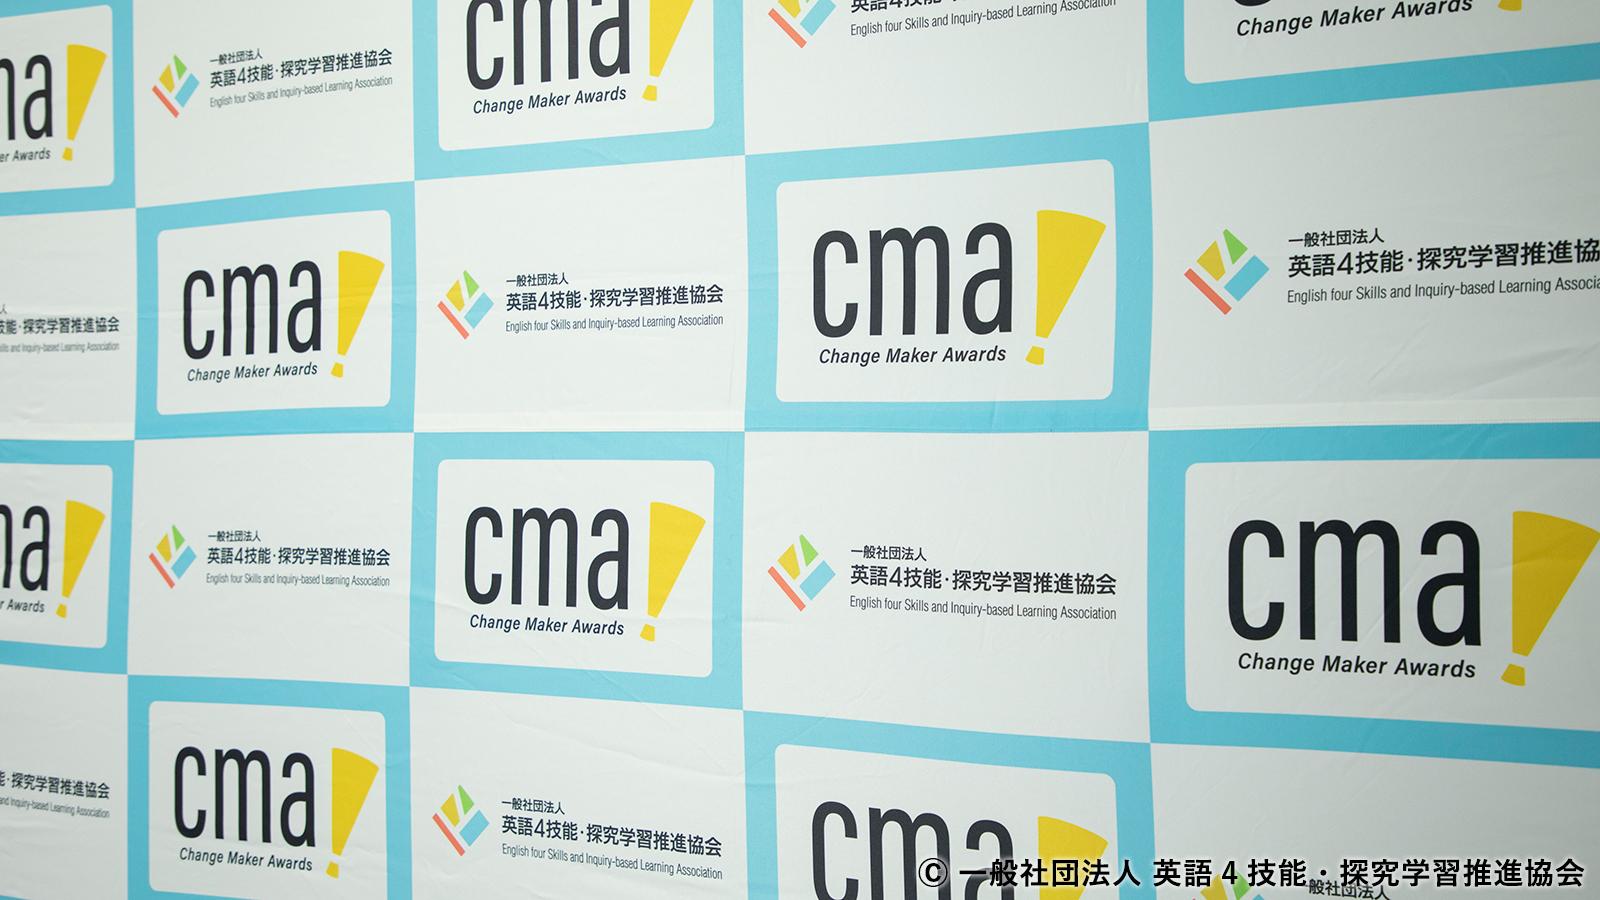 第3回 Change Maker Awards(CMA)